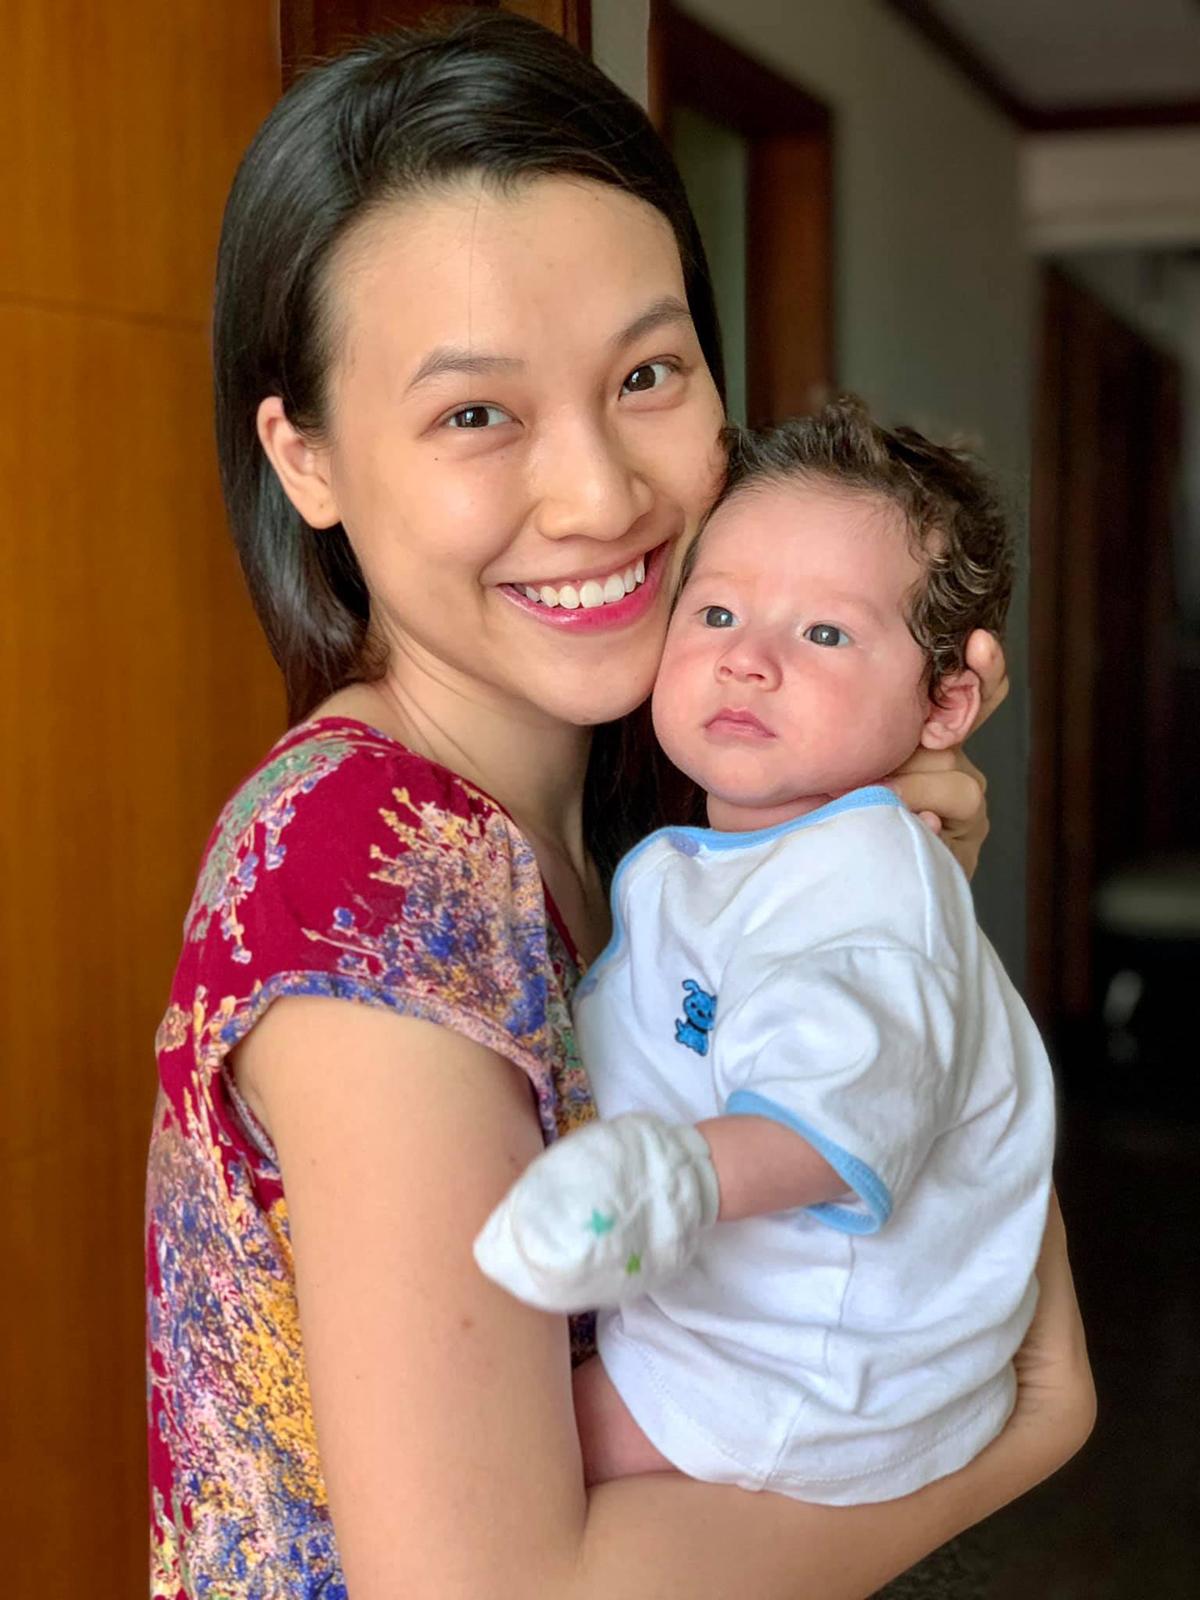 Lúc này cậu bé hai tháng tròn mà nhìn như ông già vậy á, MC Hoàng Oanh nói về con trai lai Tây.